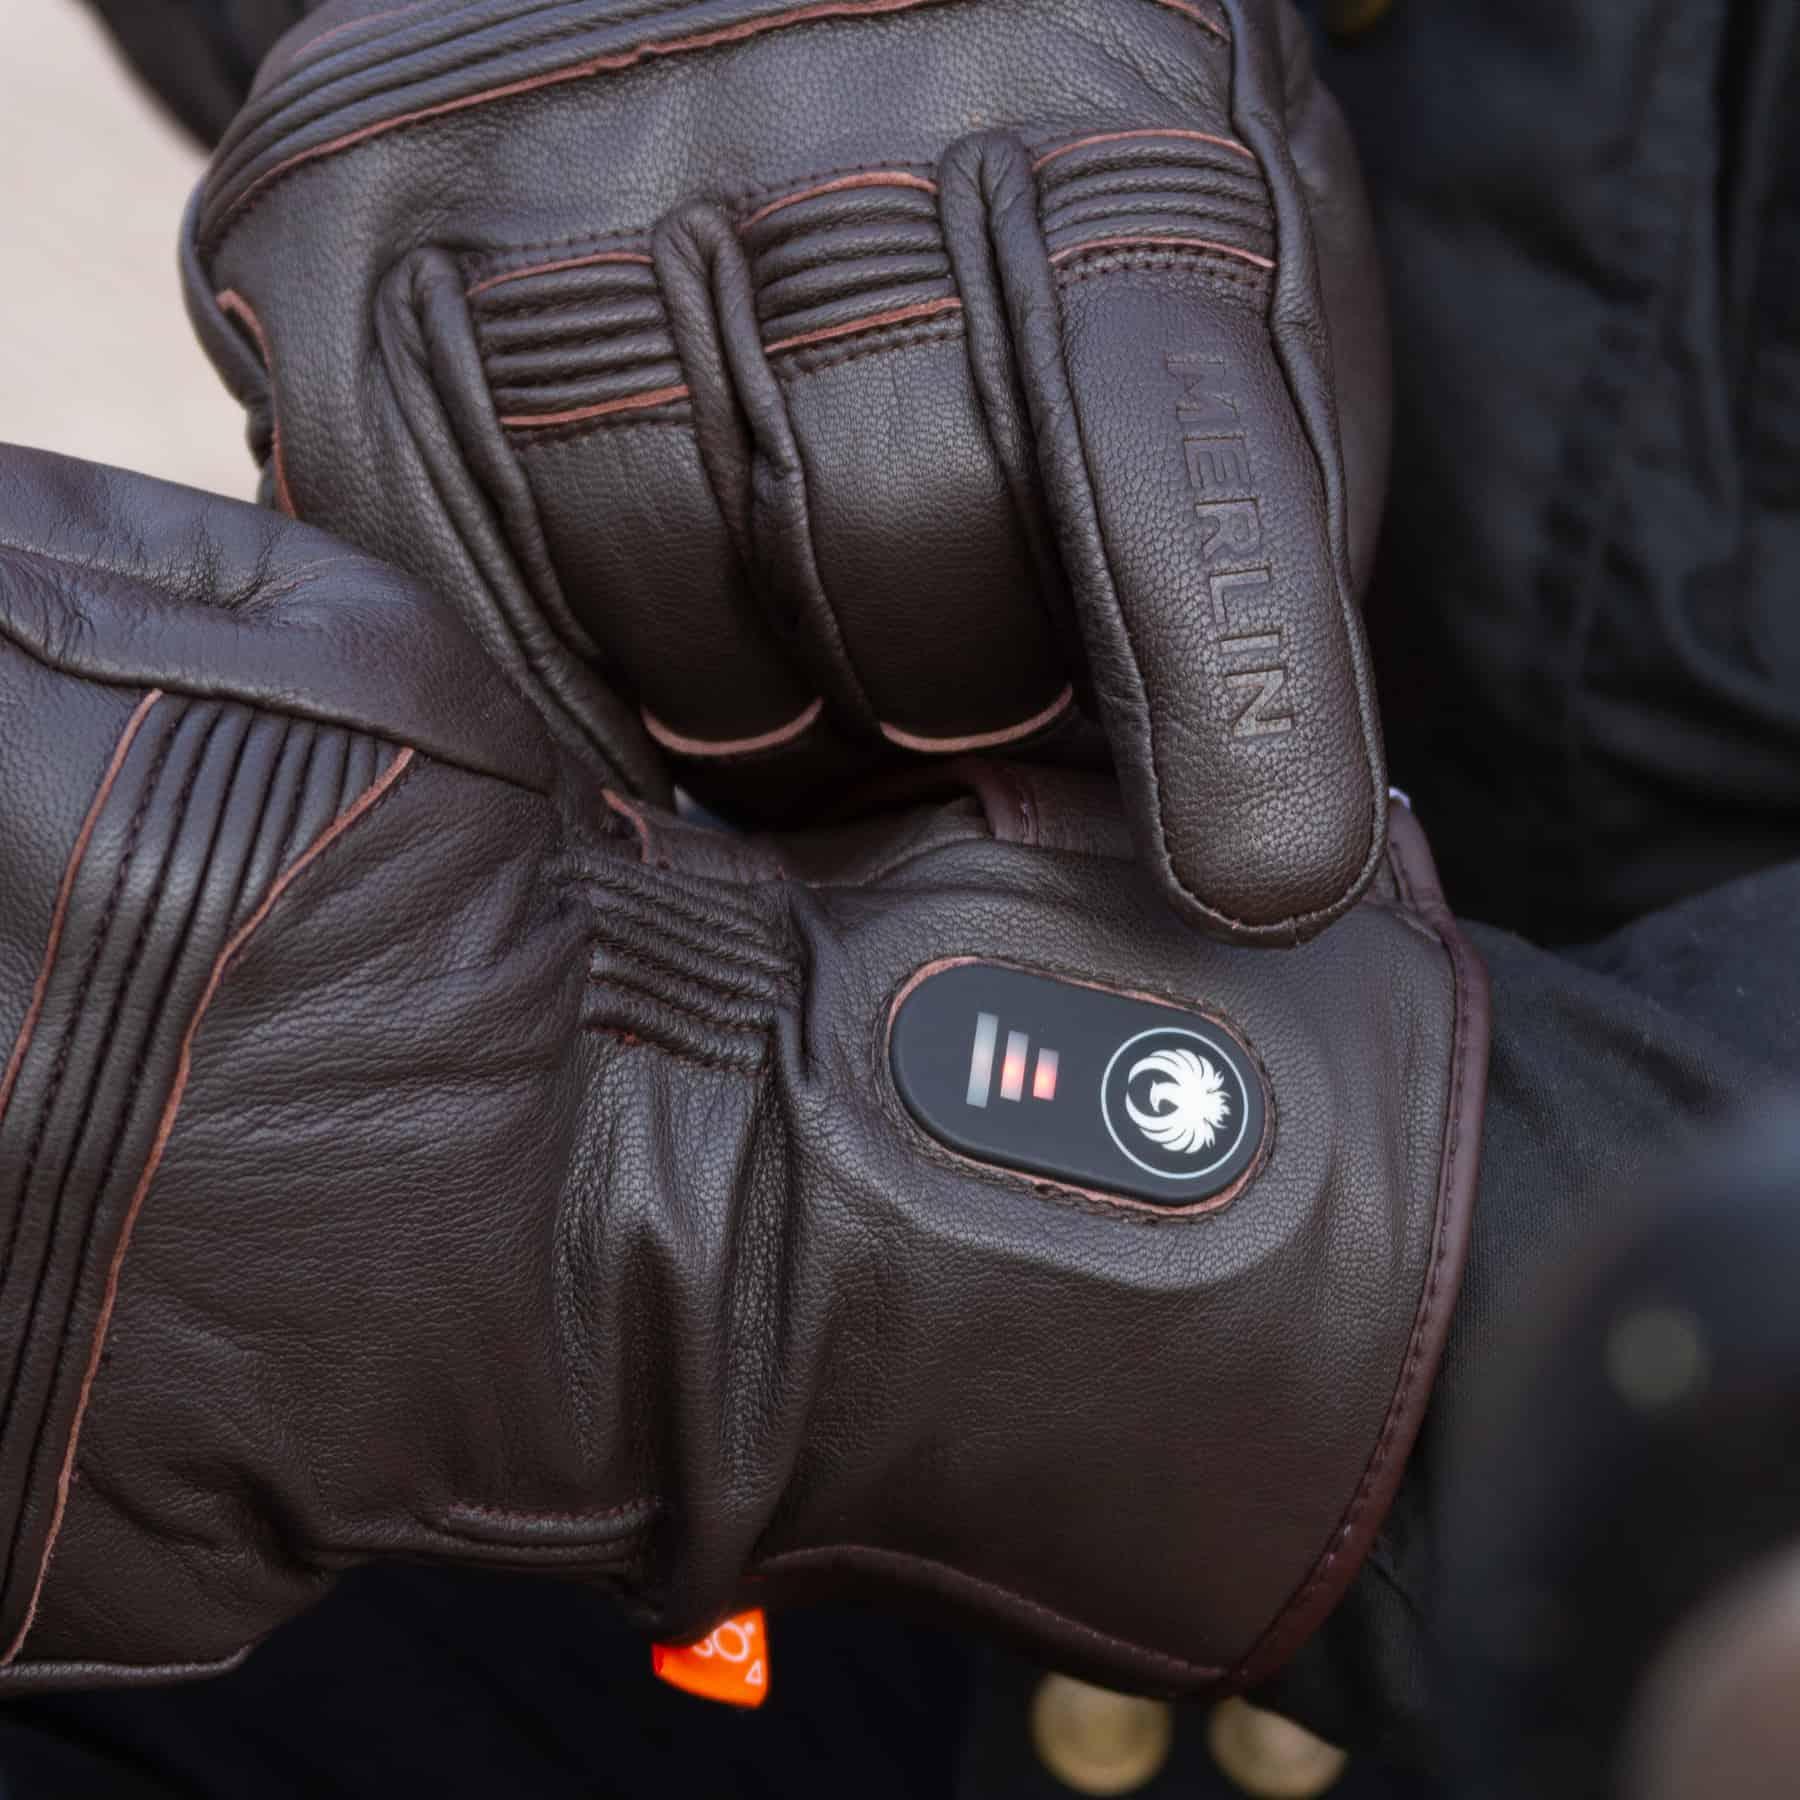 Merlin Minworth Heated motorcycle glove in dark brown